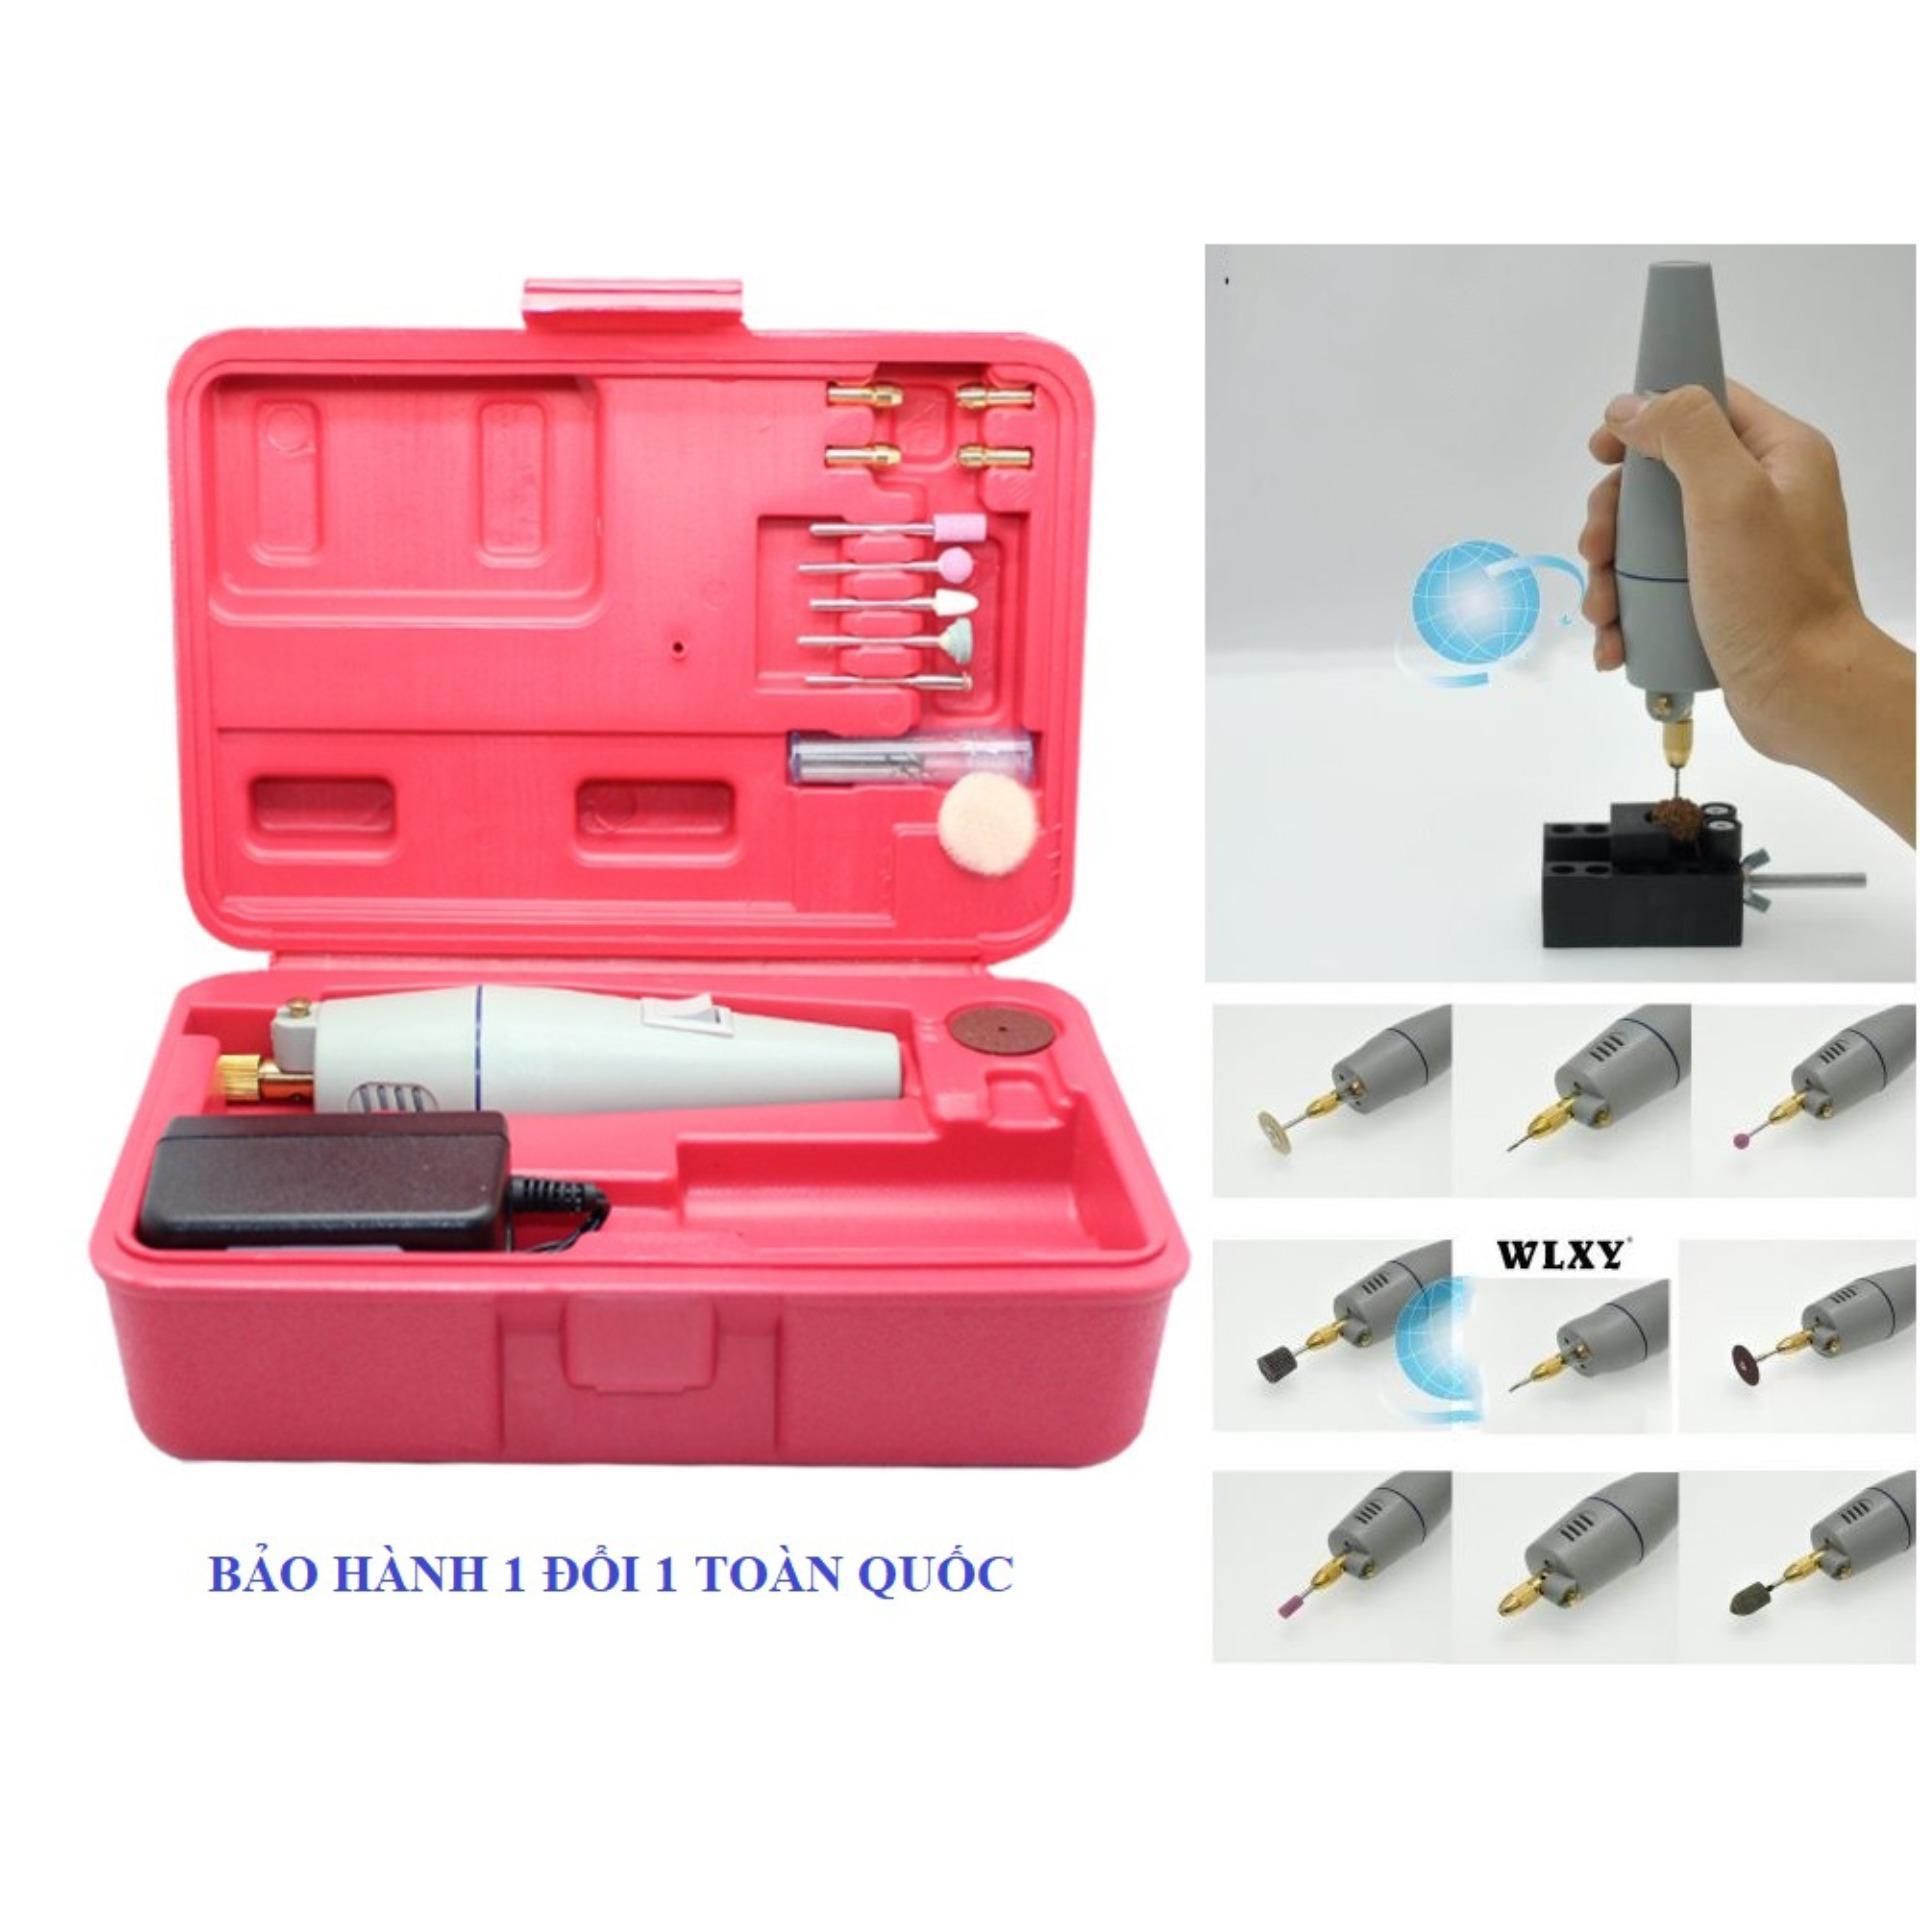 máy cưa gỗ đa năng mini, máy đa năng mini, Máy khoan mài cắt mini đa năng công suất lớn - khoan mạch điện tử - lồng chim và các chi tiết nhỏ tinh xảo. Bảo hành 1 đổi 1 toàn quốc